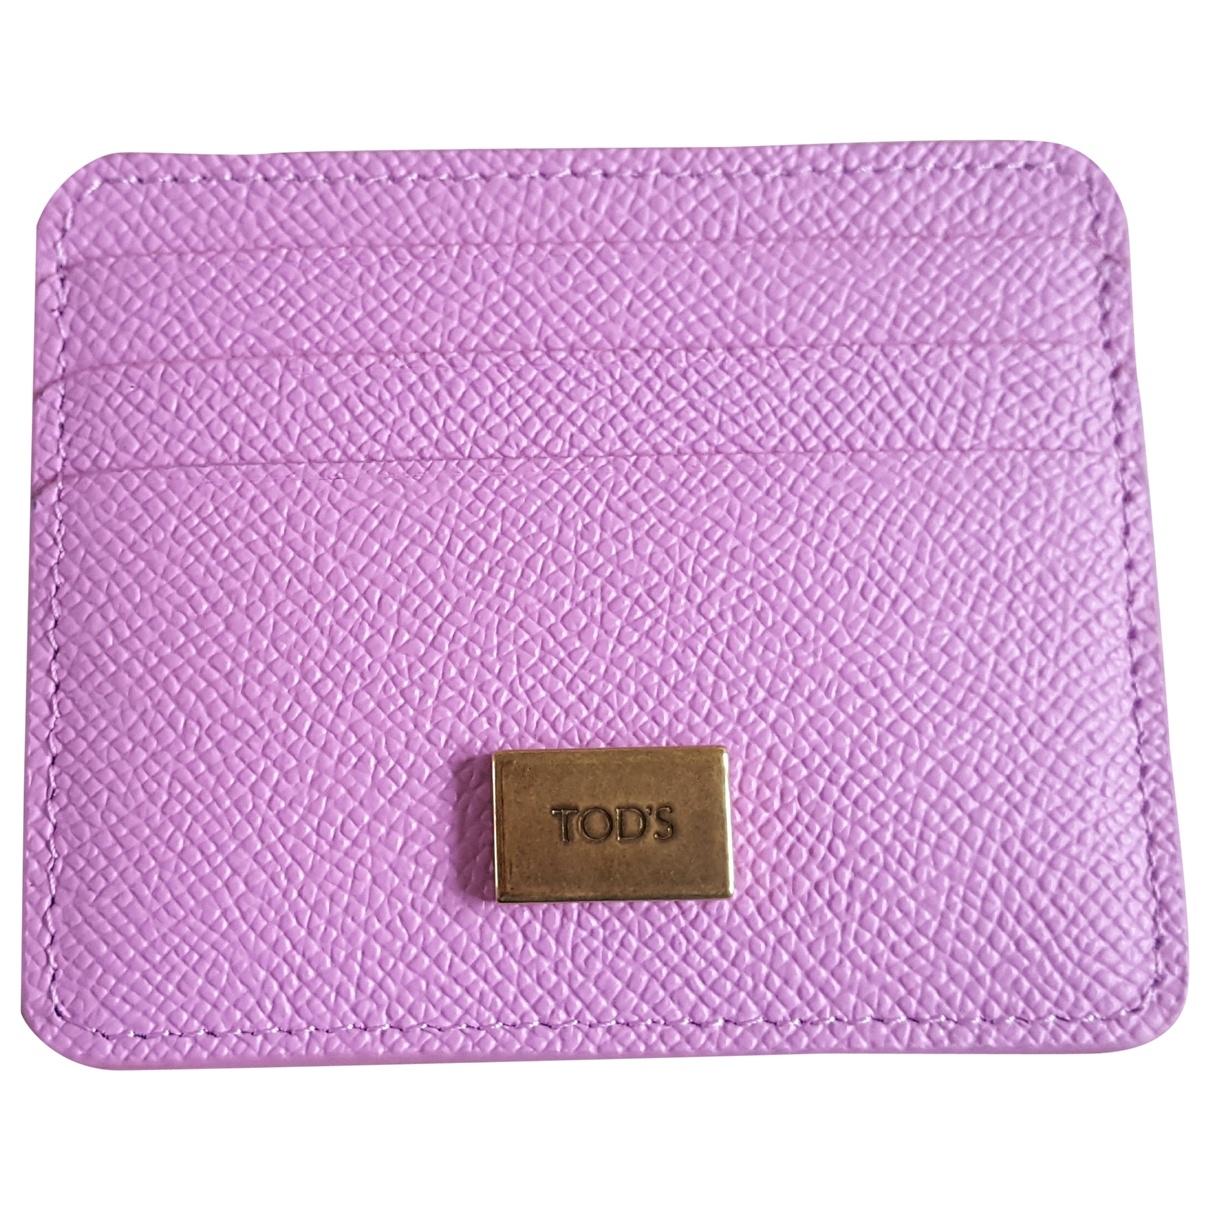 Tod's - Petite maroquinerie   pour femme en cuir - rose